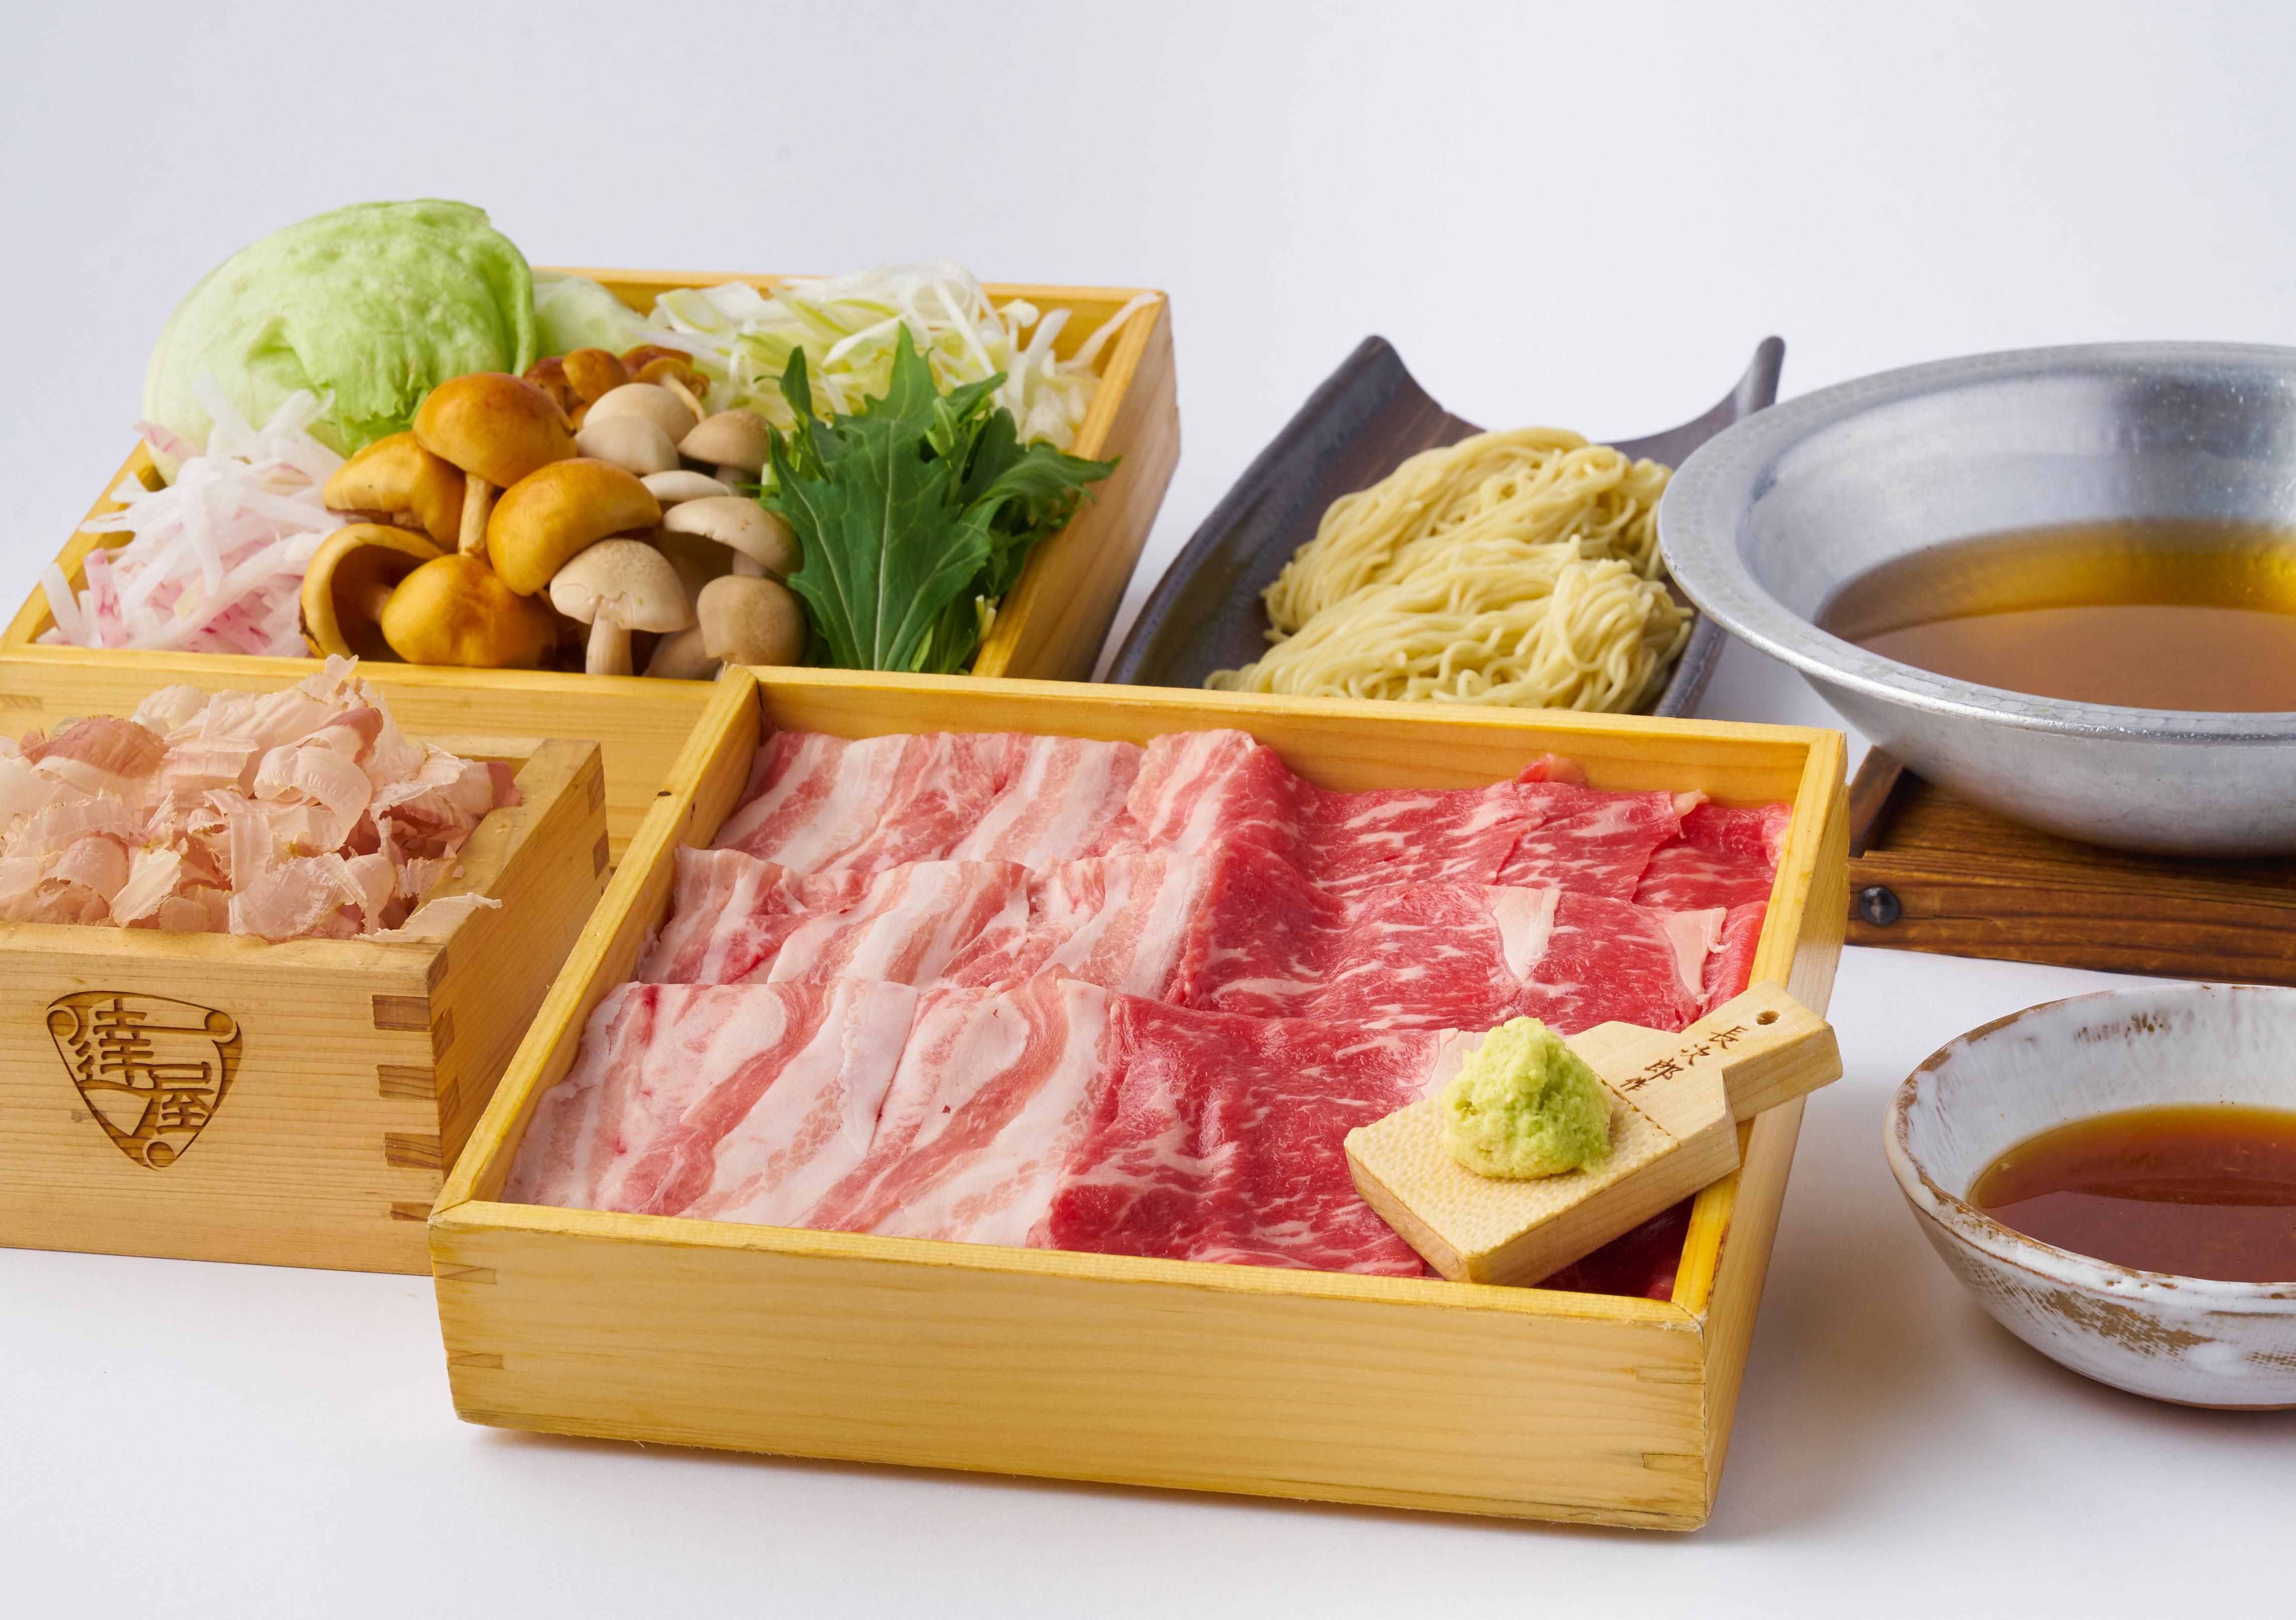 「滋賀 近江牛」「十勝放牧豚」食べ比べ 究極のしゃぶしゃぶ 3人前セット